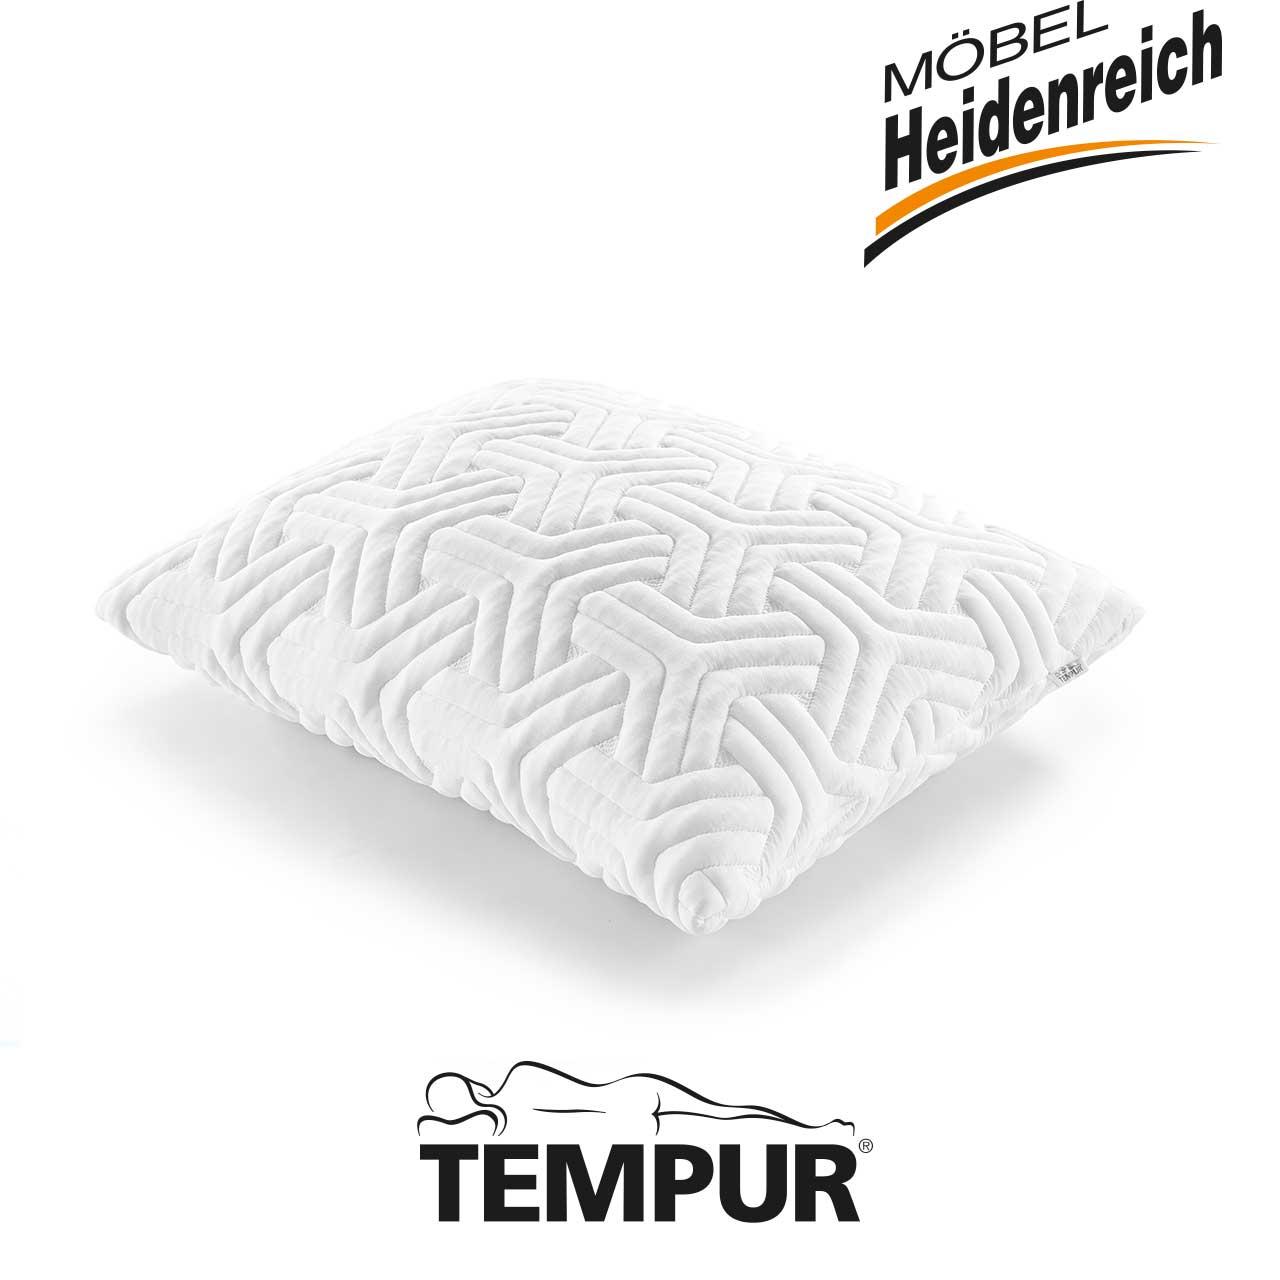 tempur kissen comfort hybrid kissen tempur marken m bel heidenreich. Black Bedroom Furniture Sets. Home Design Ideas